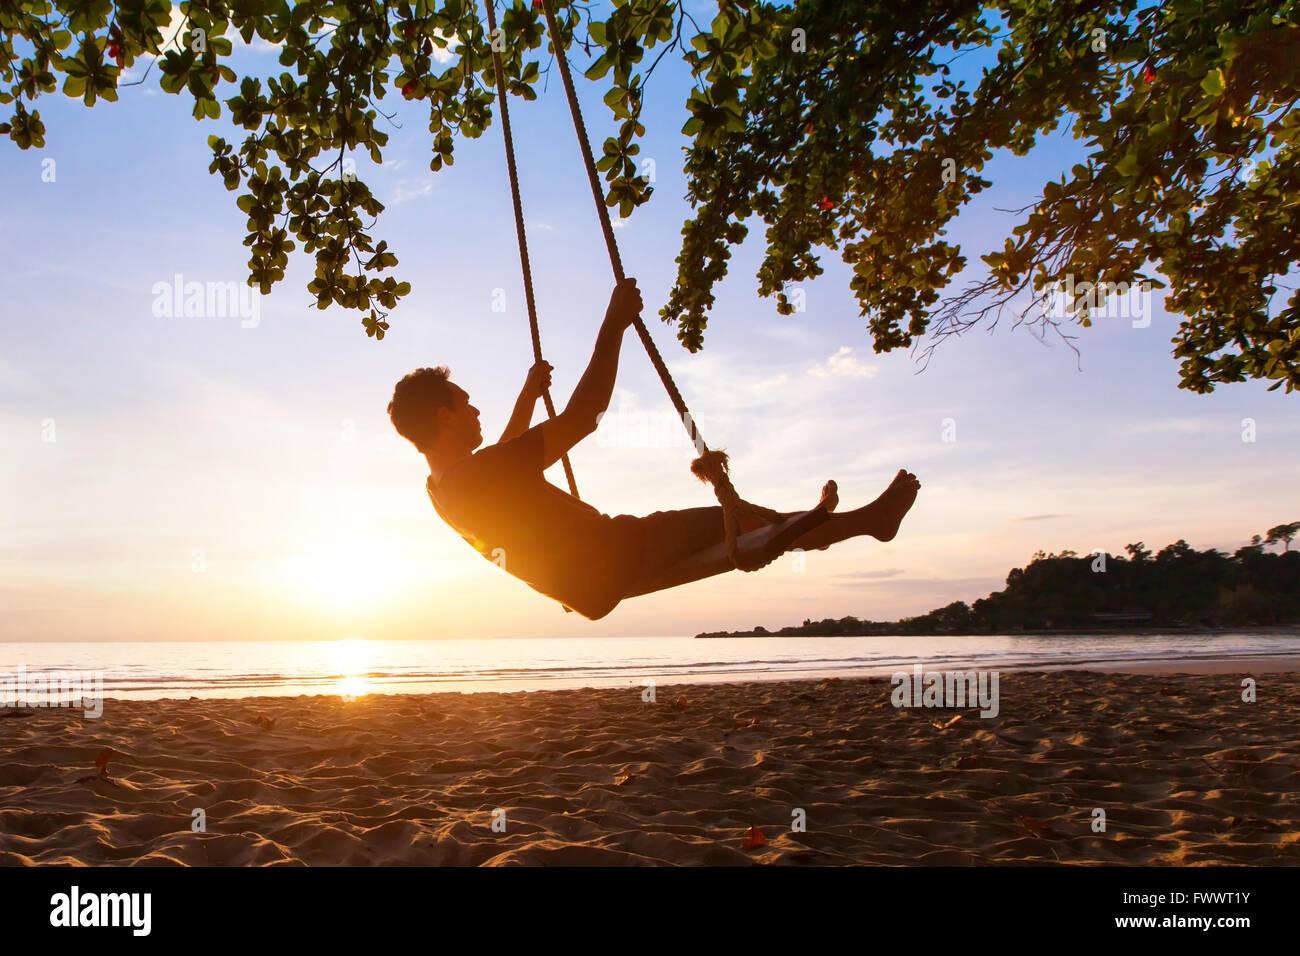 Swing sul paradiso spiaggia tropicale al tramonto, le persone felici godendo di estate Immagini Stock